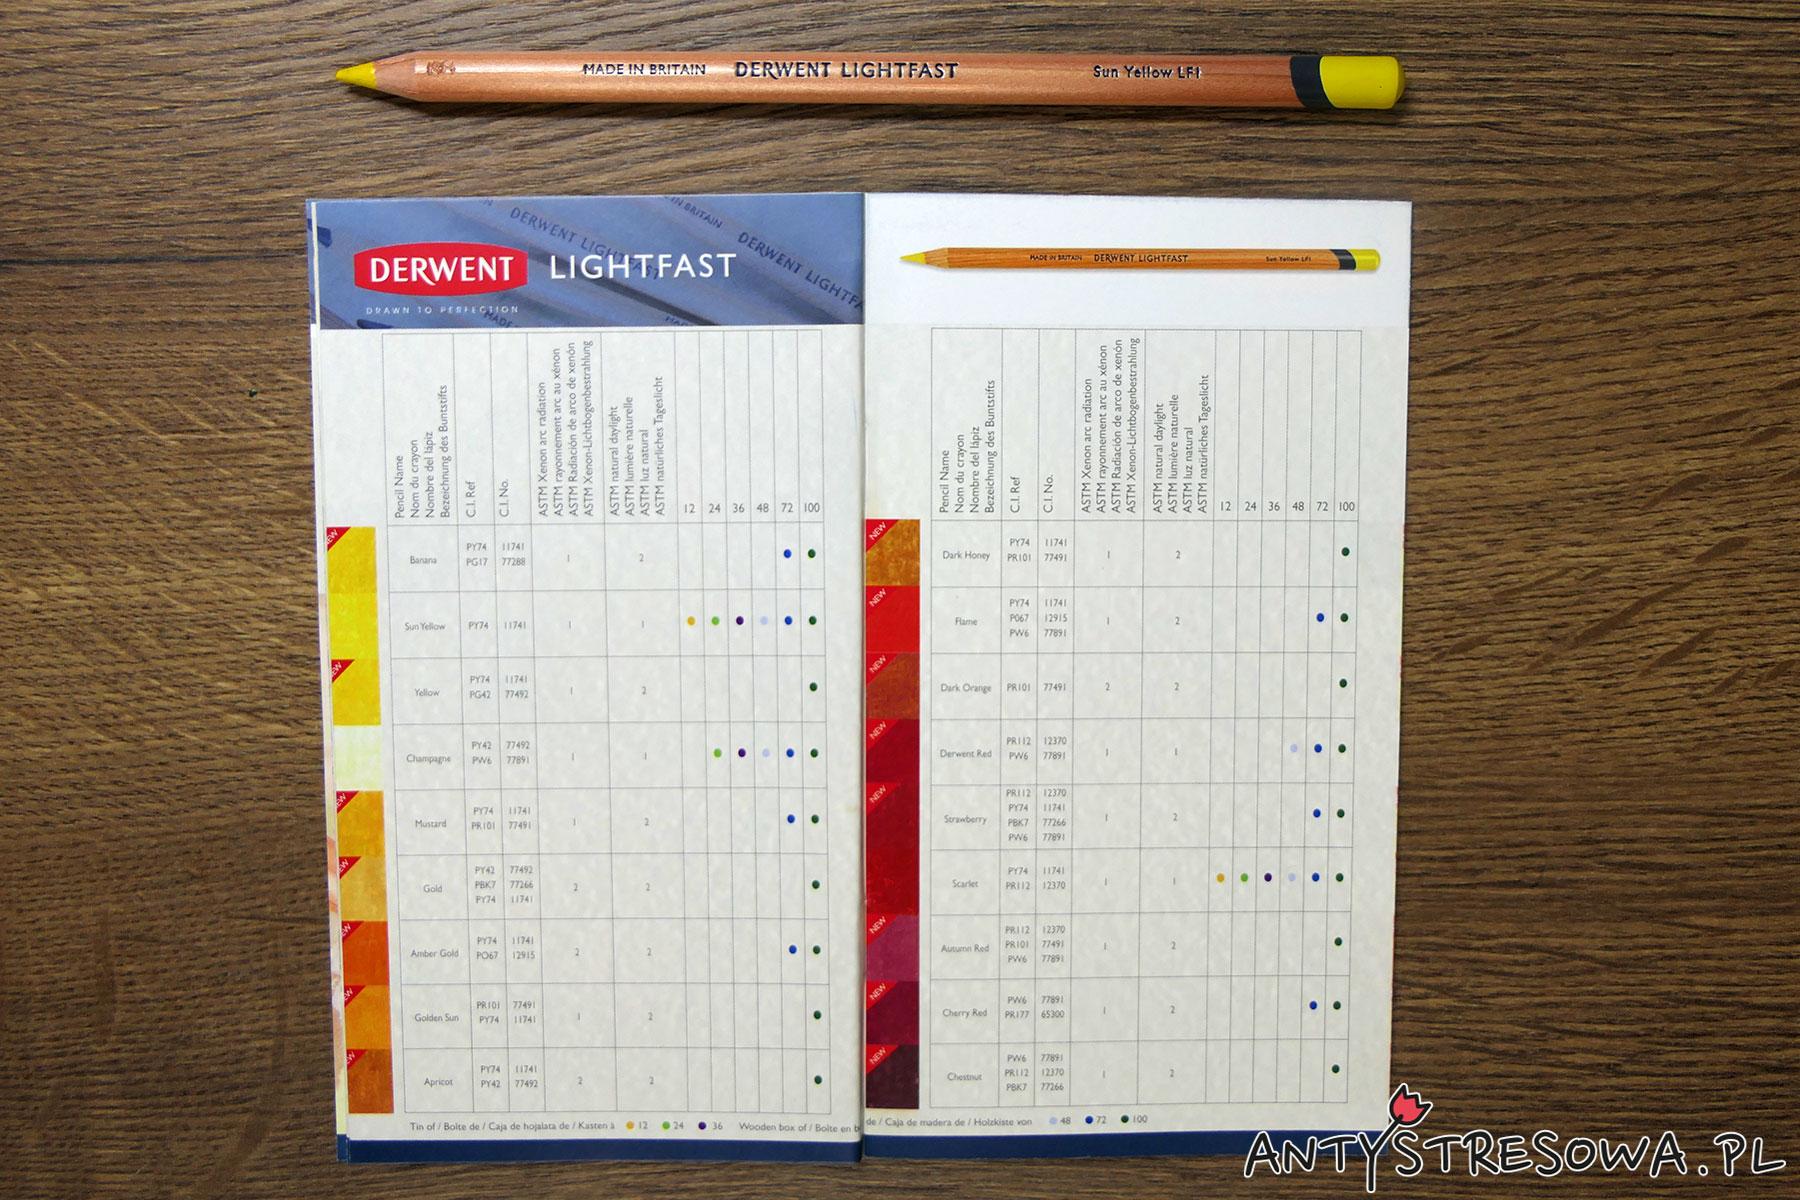 Derwent Lightfast - ulotka dołączona do zestawu